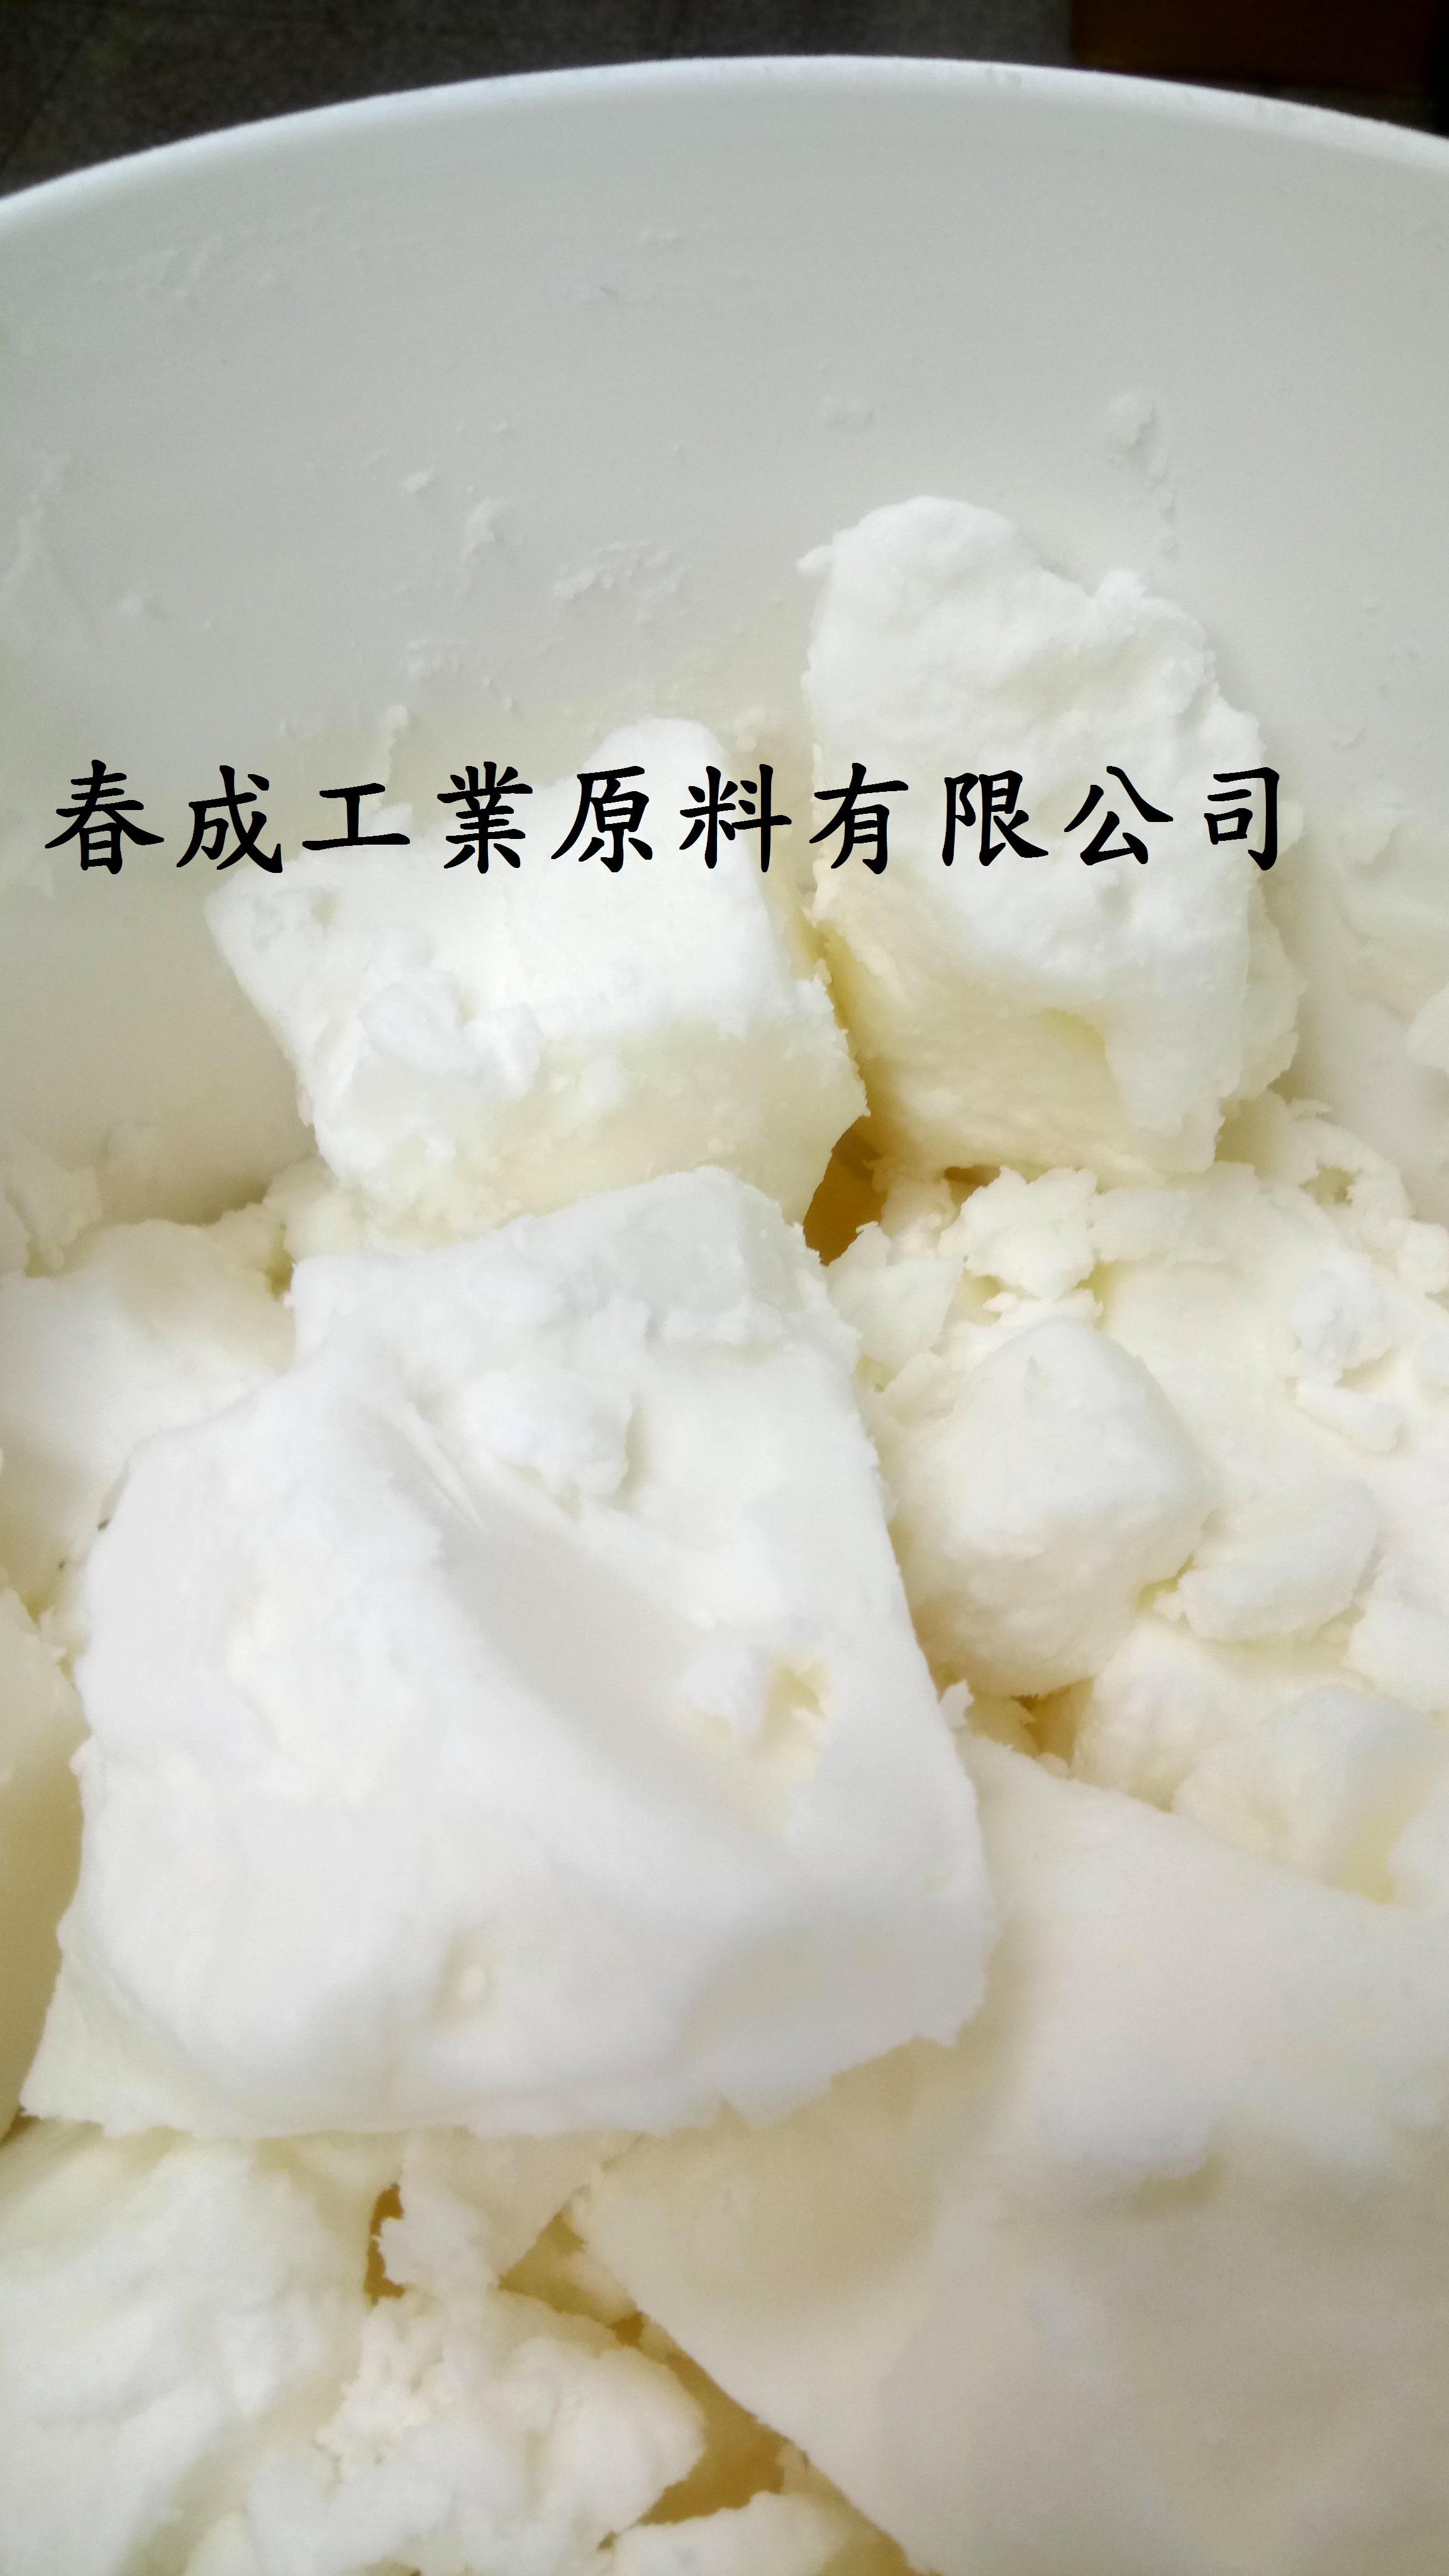 乳木果油(乳油木果)